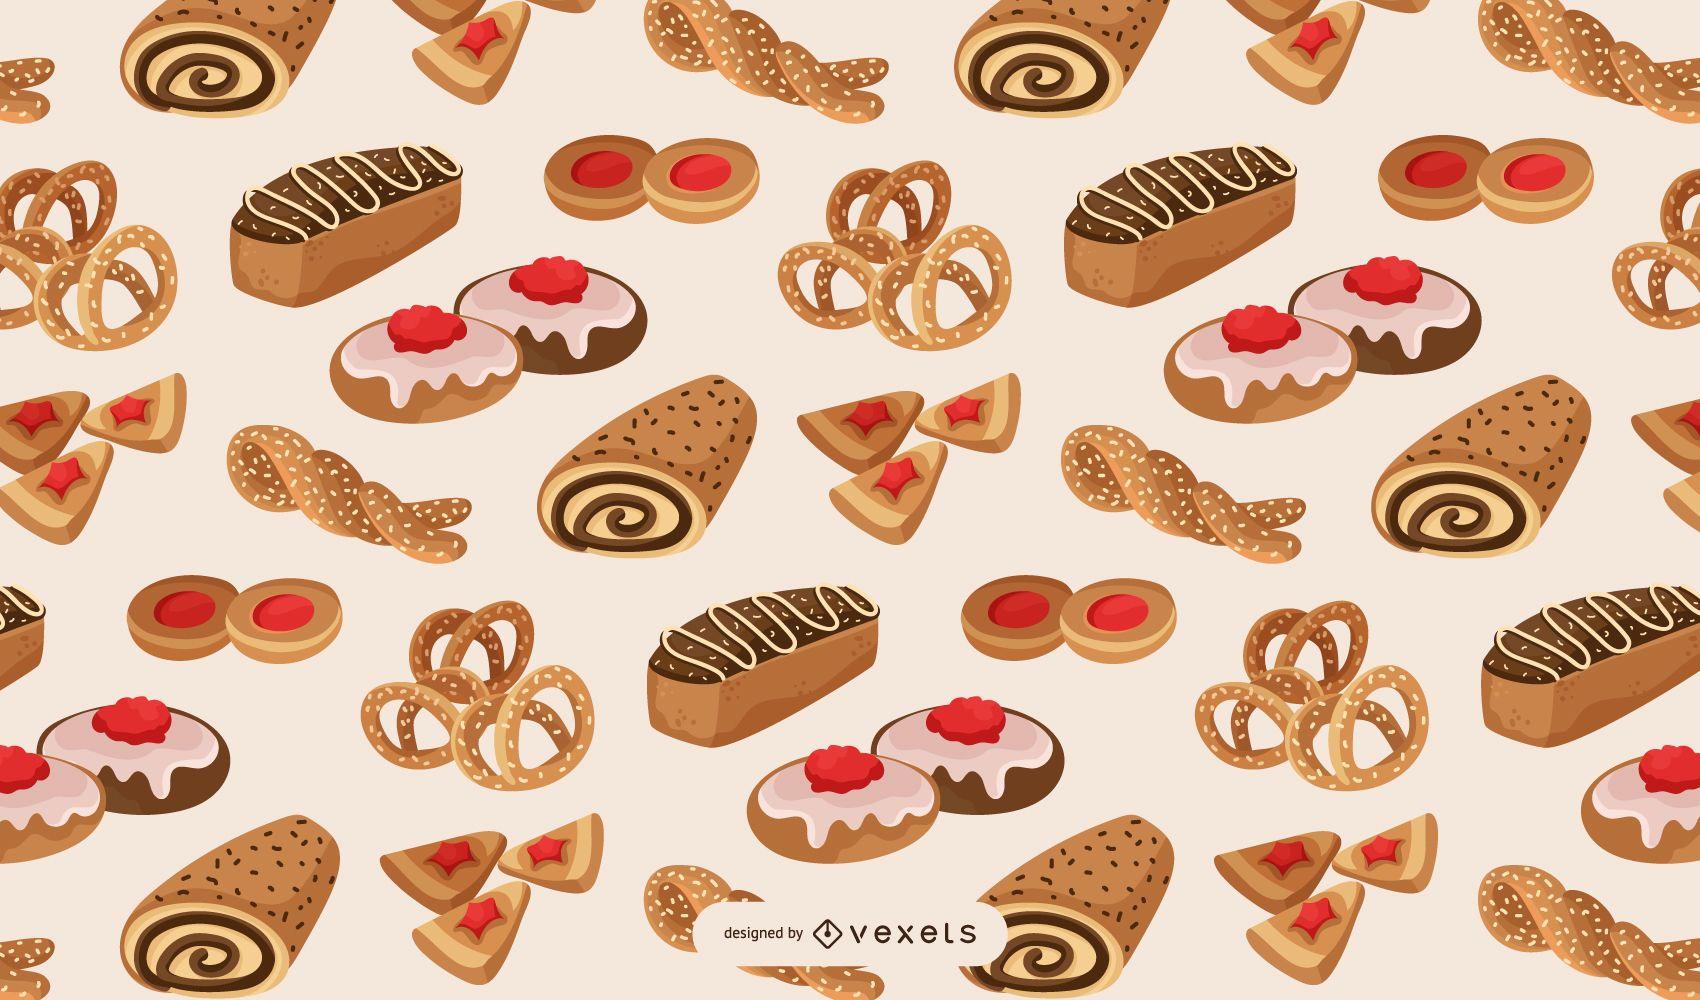 Sweet bakery pattern design